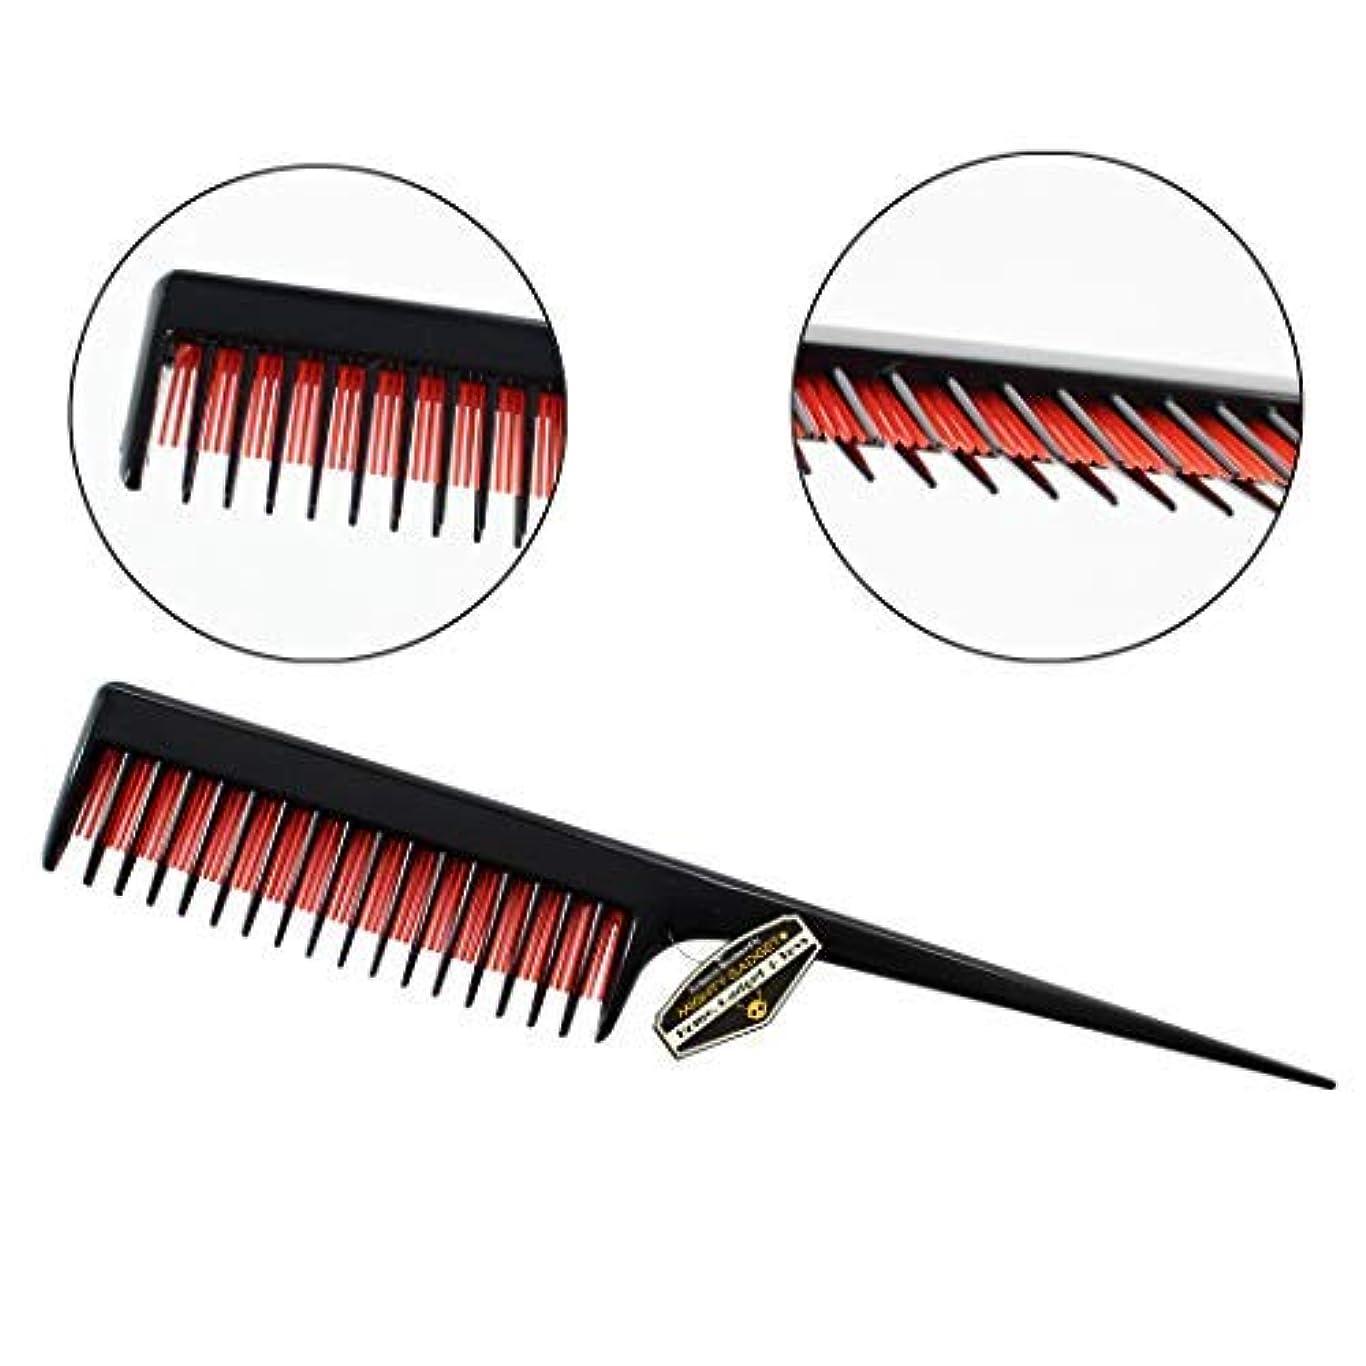 徴収電話するうなずく3 Pack of Mighty Gadget 8 inch Teasing Comb - Rat Tail Comb for Back Combing, Root Teasing, Adding Volume, Evening...